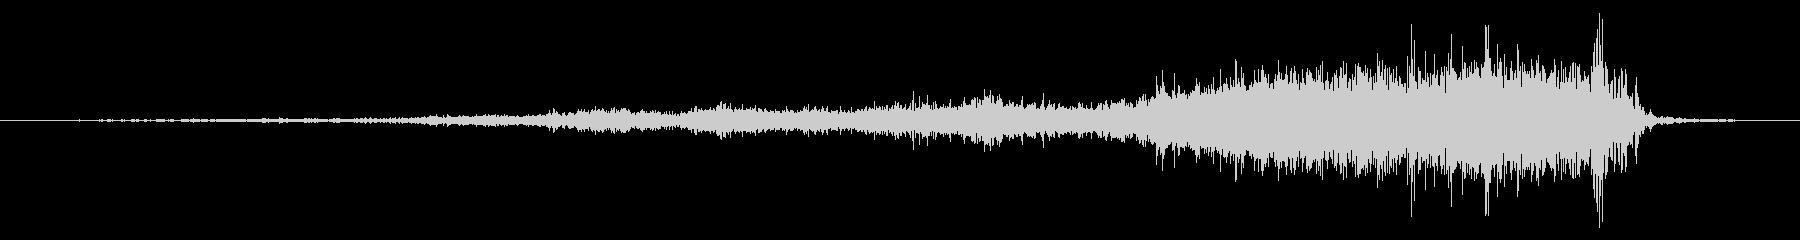 1984シボレーカメロZ-28:内...の未再生の波形